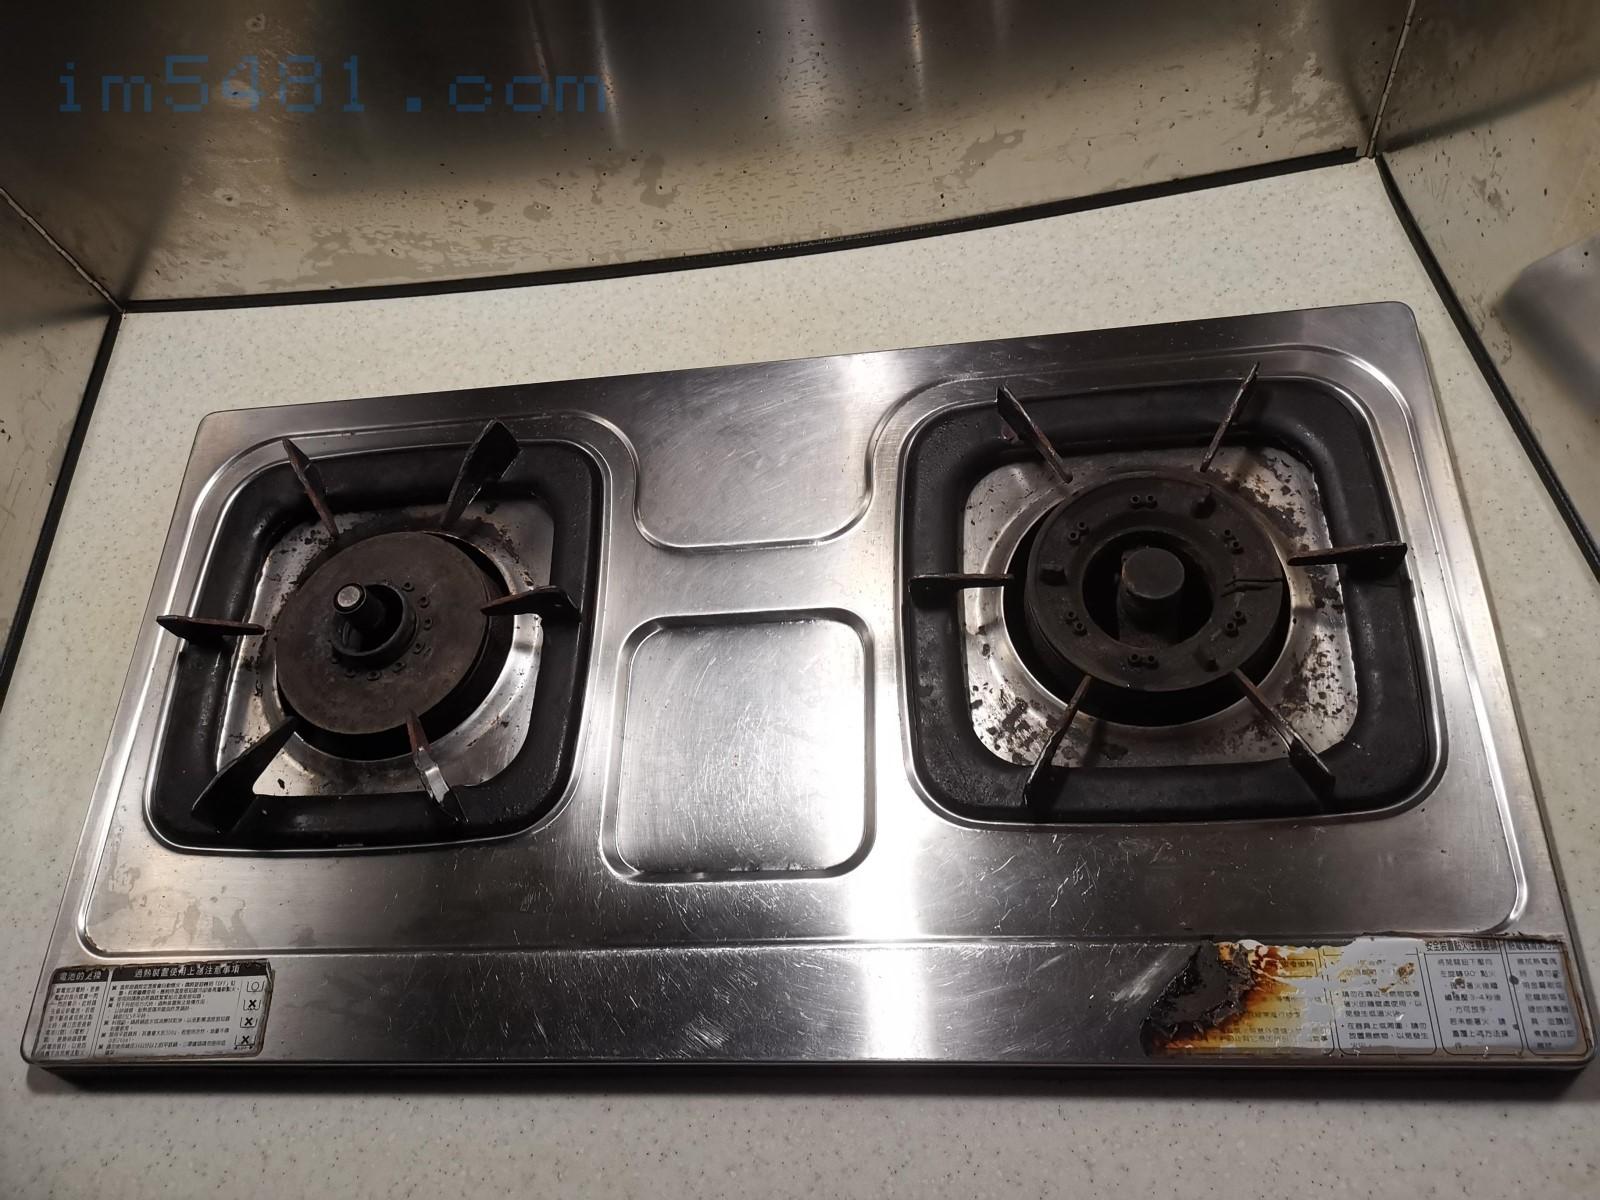 瓦斯爐檯面已經變乾淨